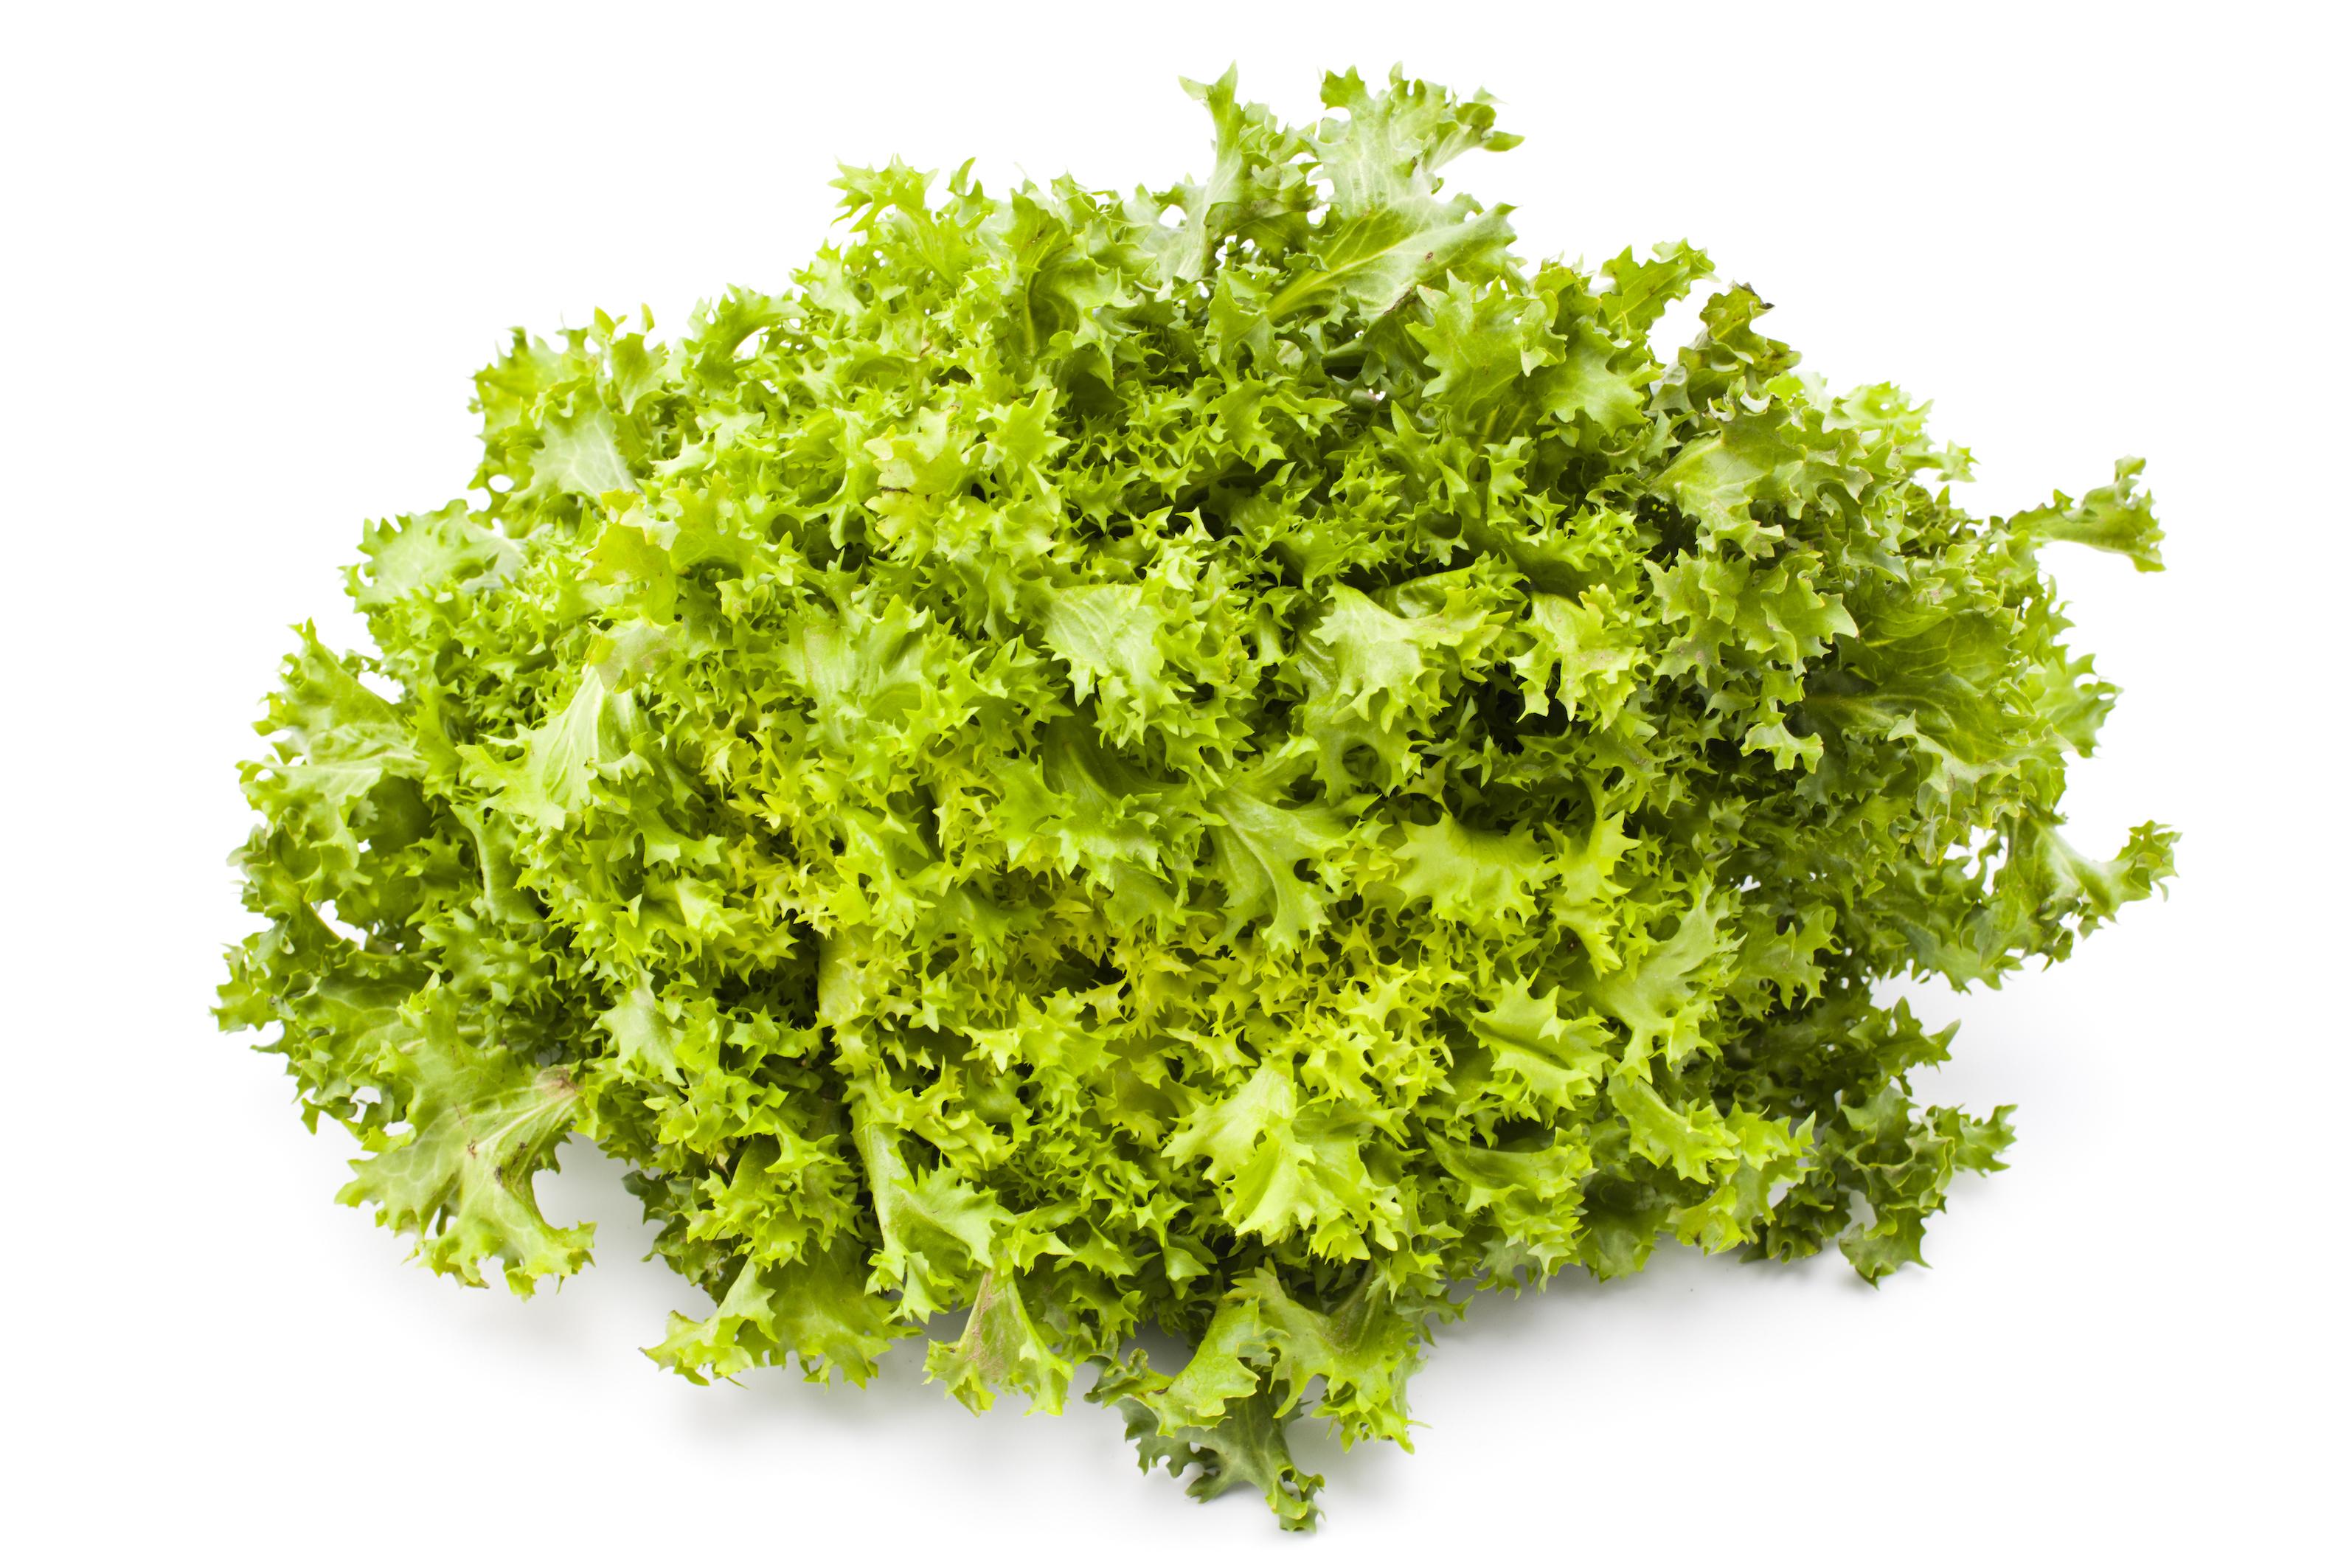 Bæredygtige salater fra en vertikal farm